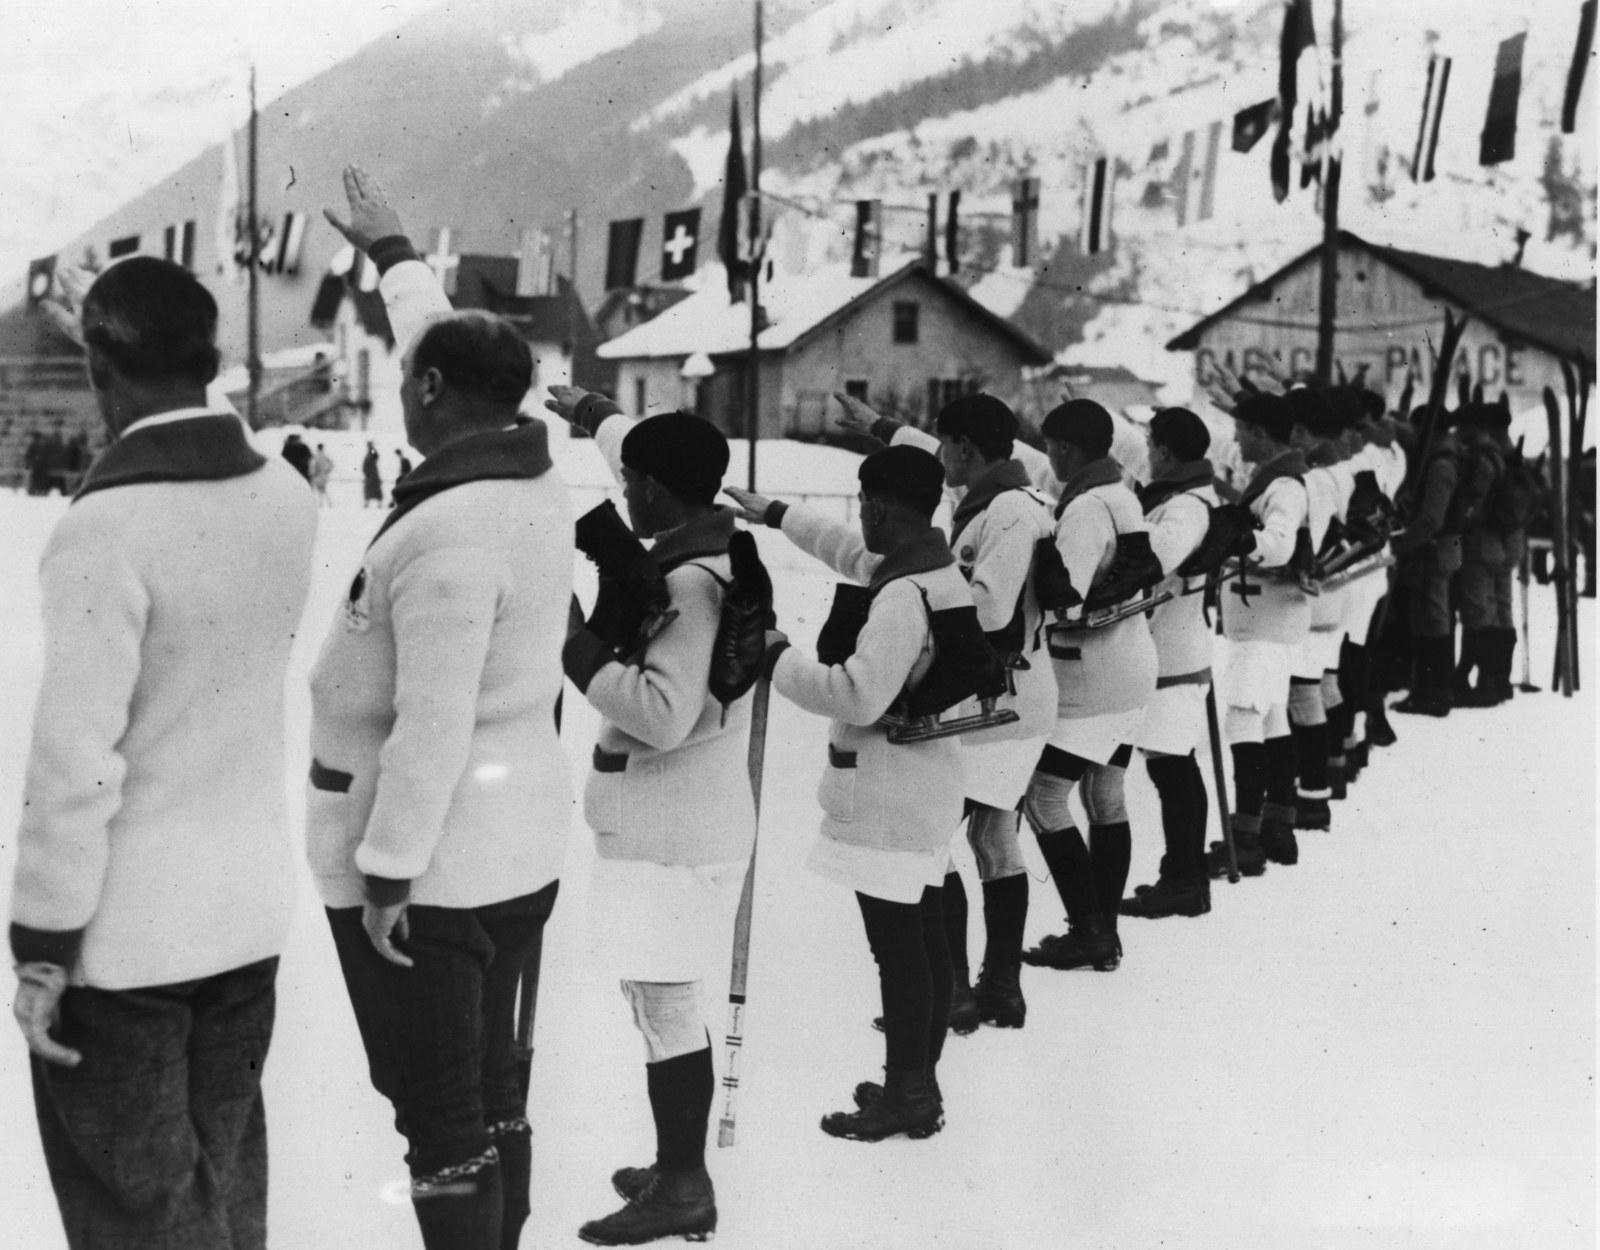 いまから94年前、第1回冬季オリンピックの貴重すぎる写真たち